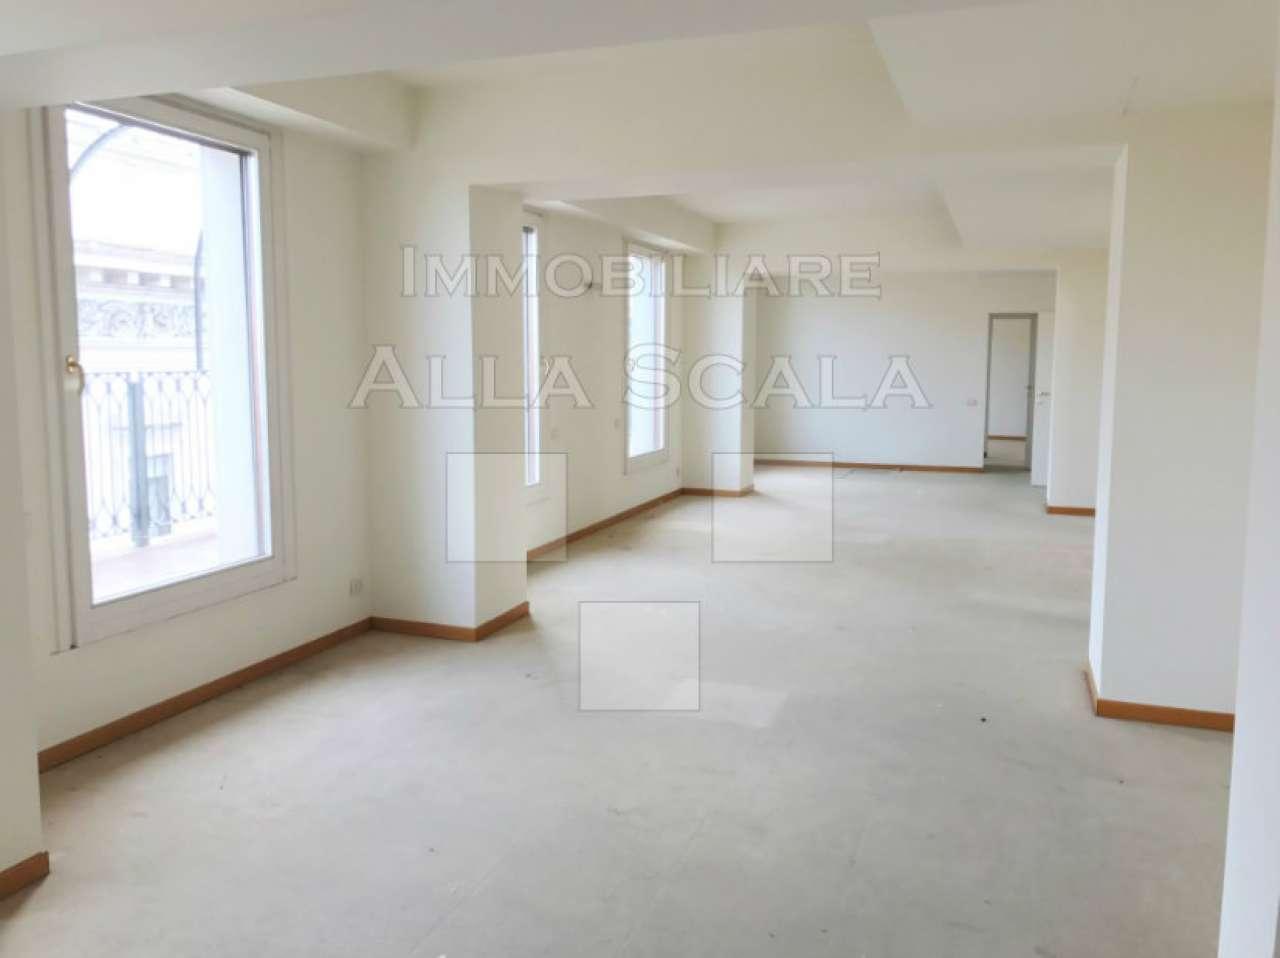 Ufficio / Studio in affitto a Milano, 11 locali, zona Zona: 1 . Centro Storico, Duomo, Brera, Cadorna, Cattolica, prezzo € 10.400 | CambioCasa.it